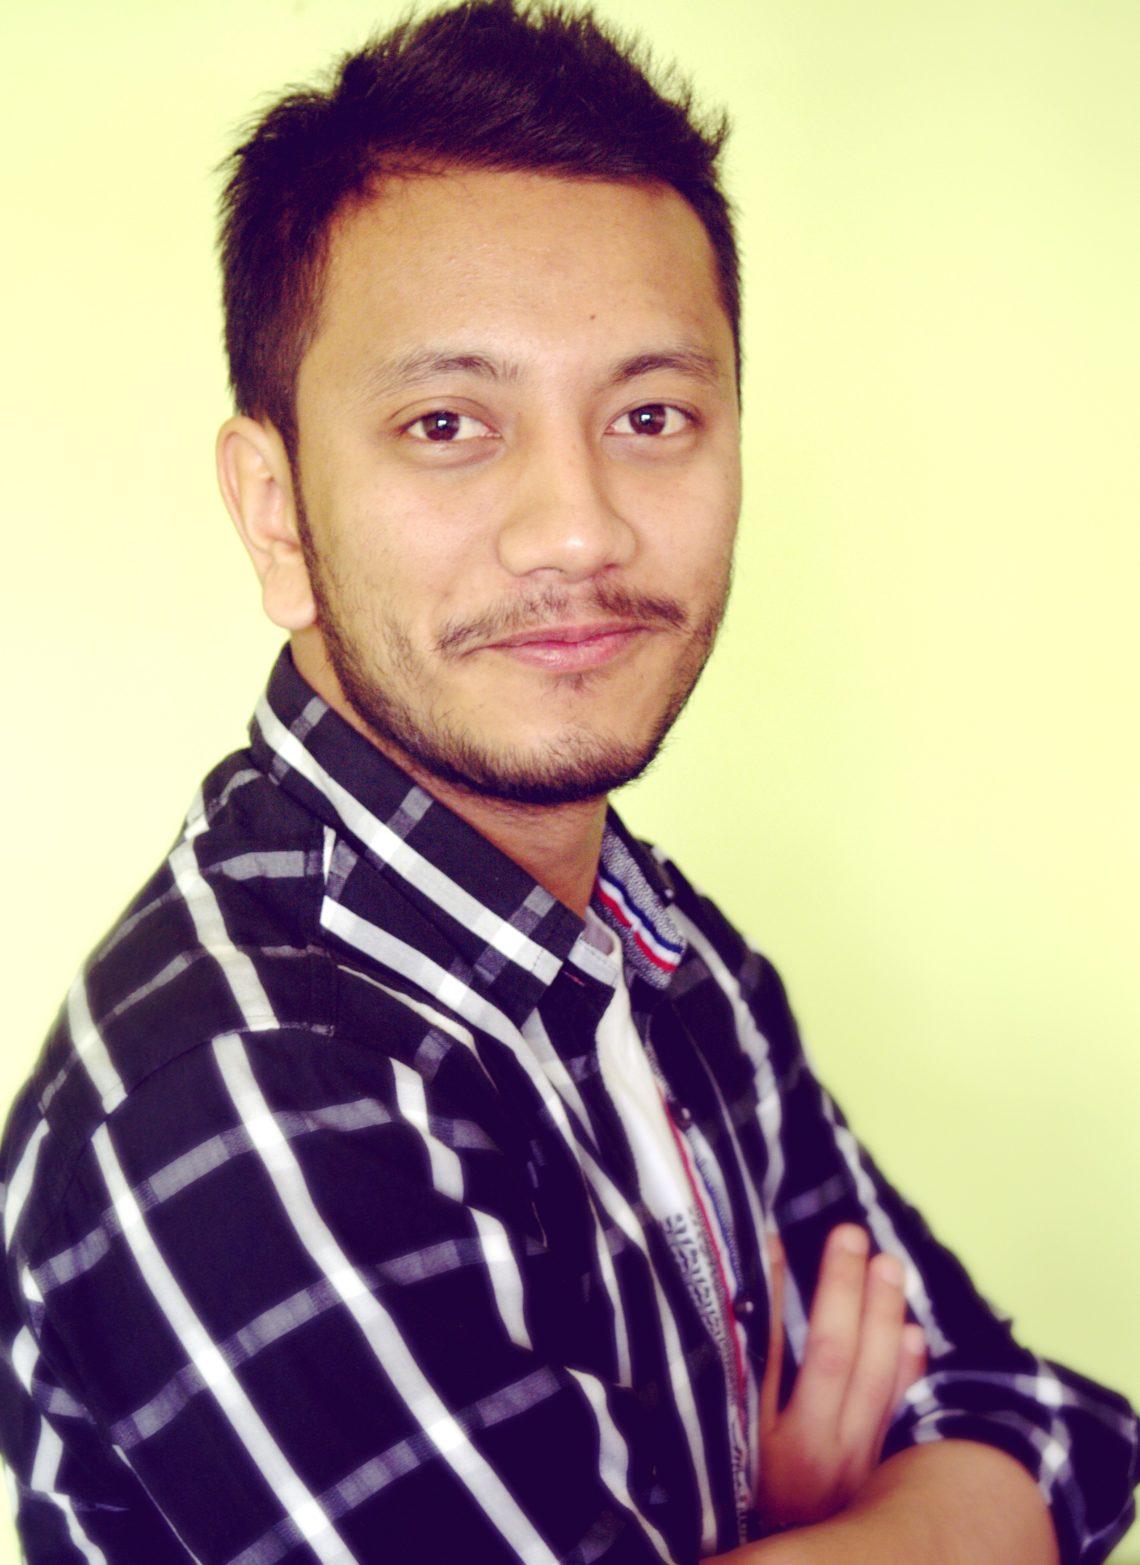 Soham Amatya